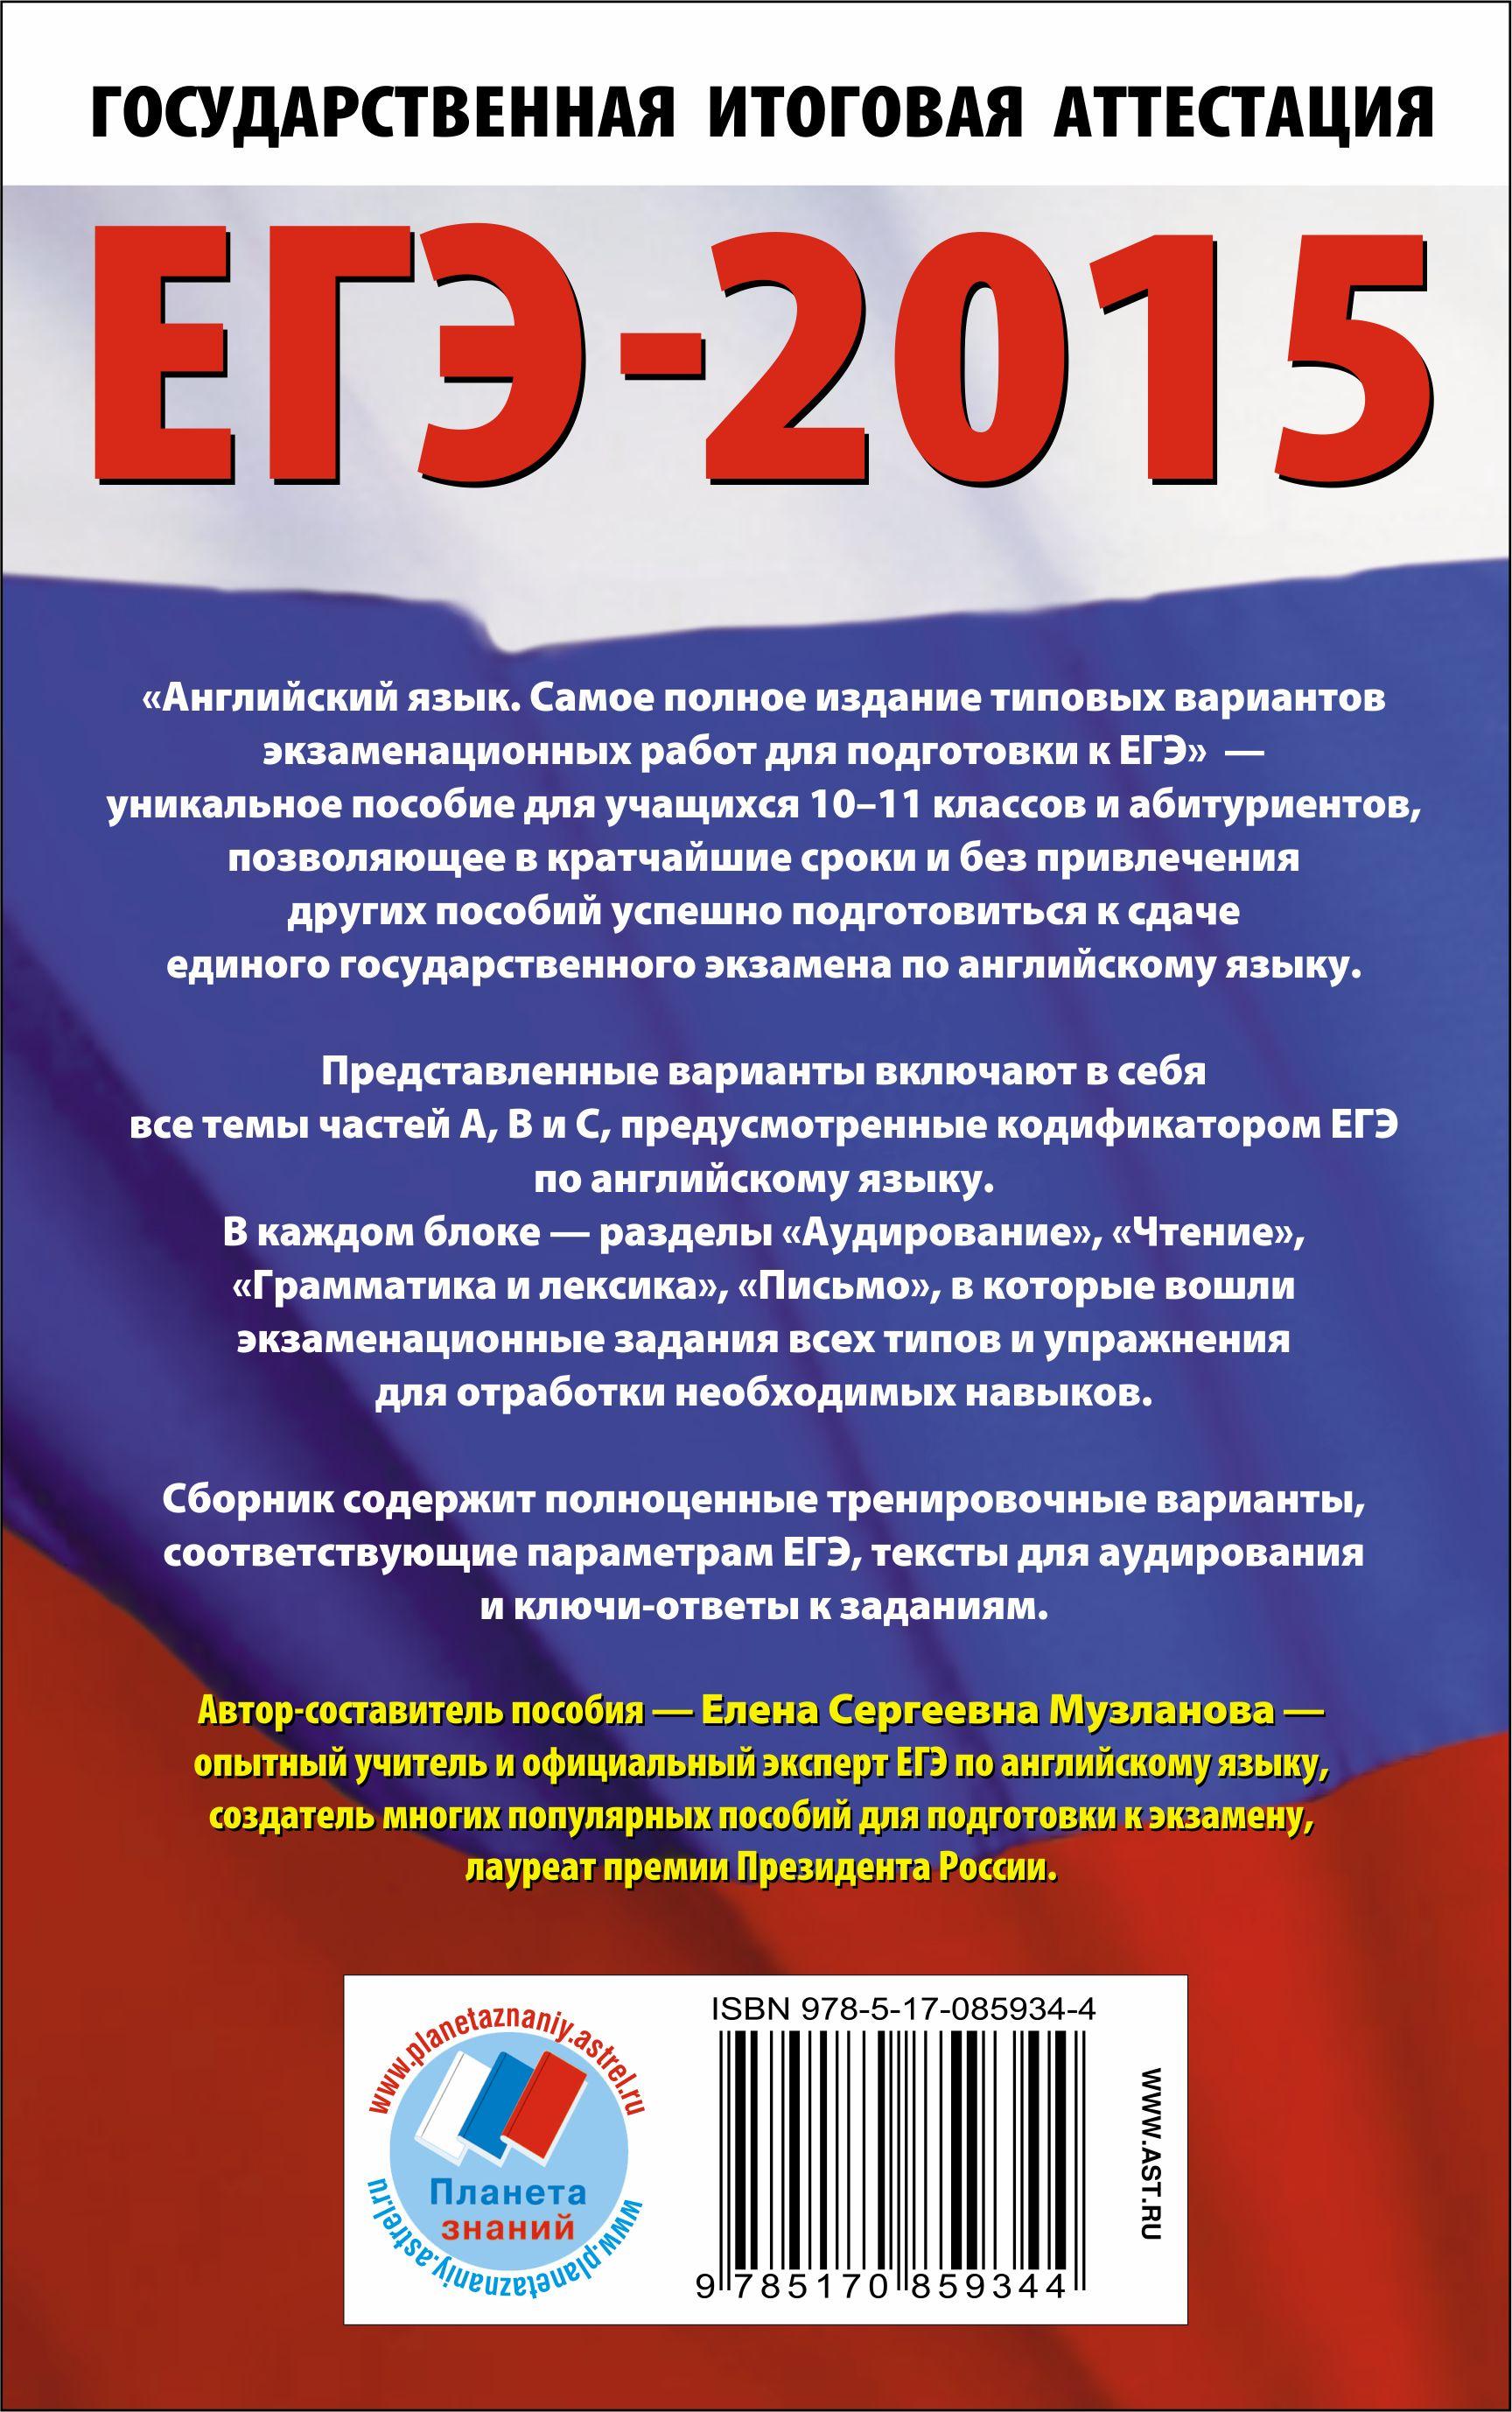 ЕГЭ-2015. Английский язык. Самое полное издание типовых вариантов заданий для подготовки к ЕГЭ